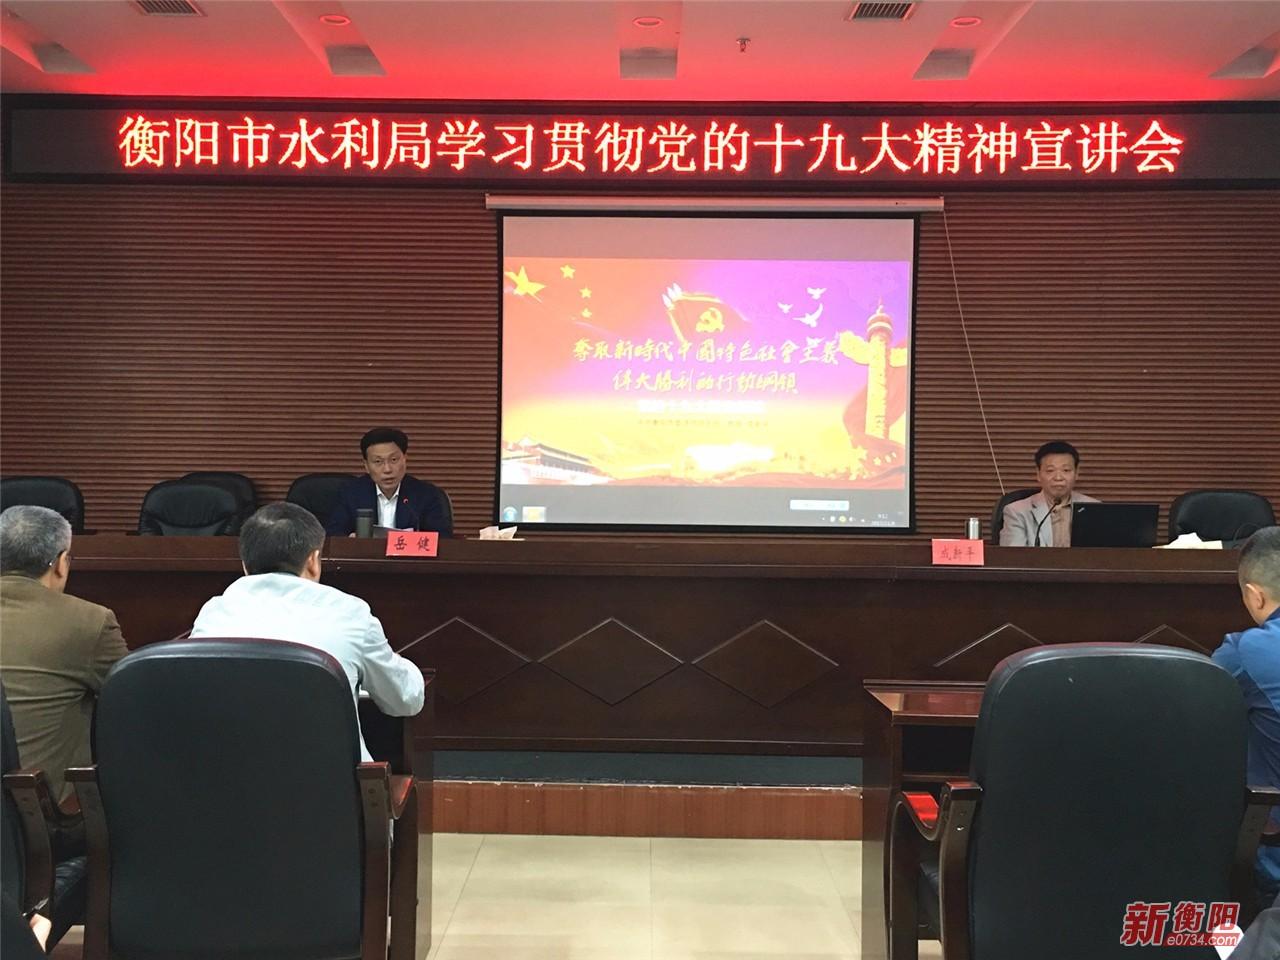 宣讲十九大:衡阳市水利局开展十九大精神宣讲会